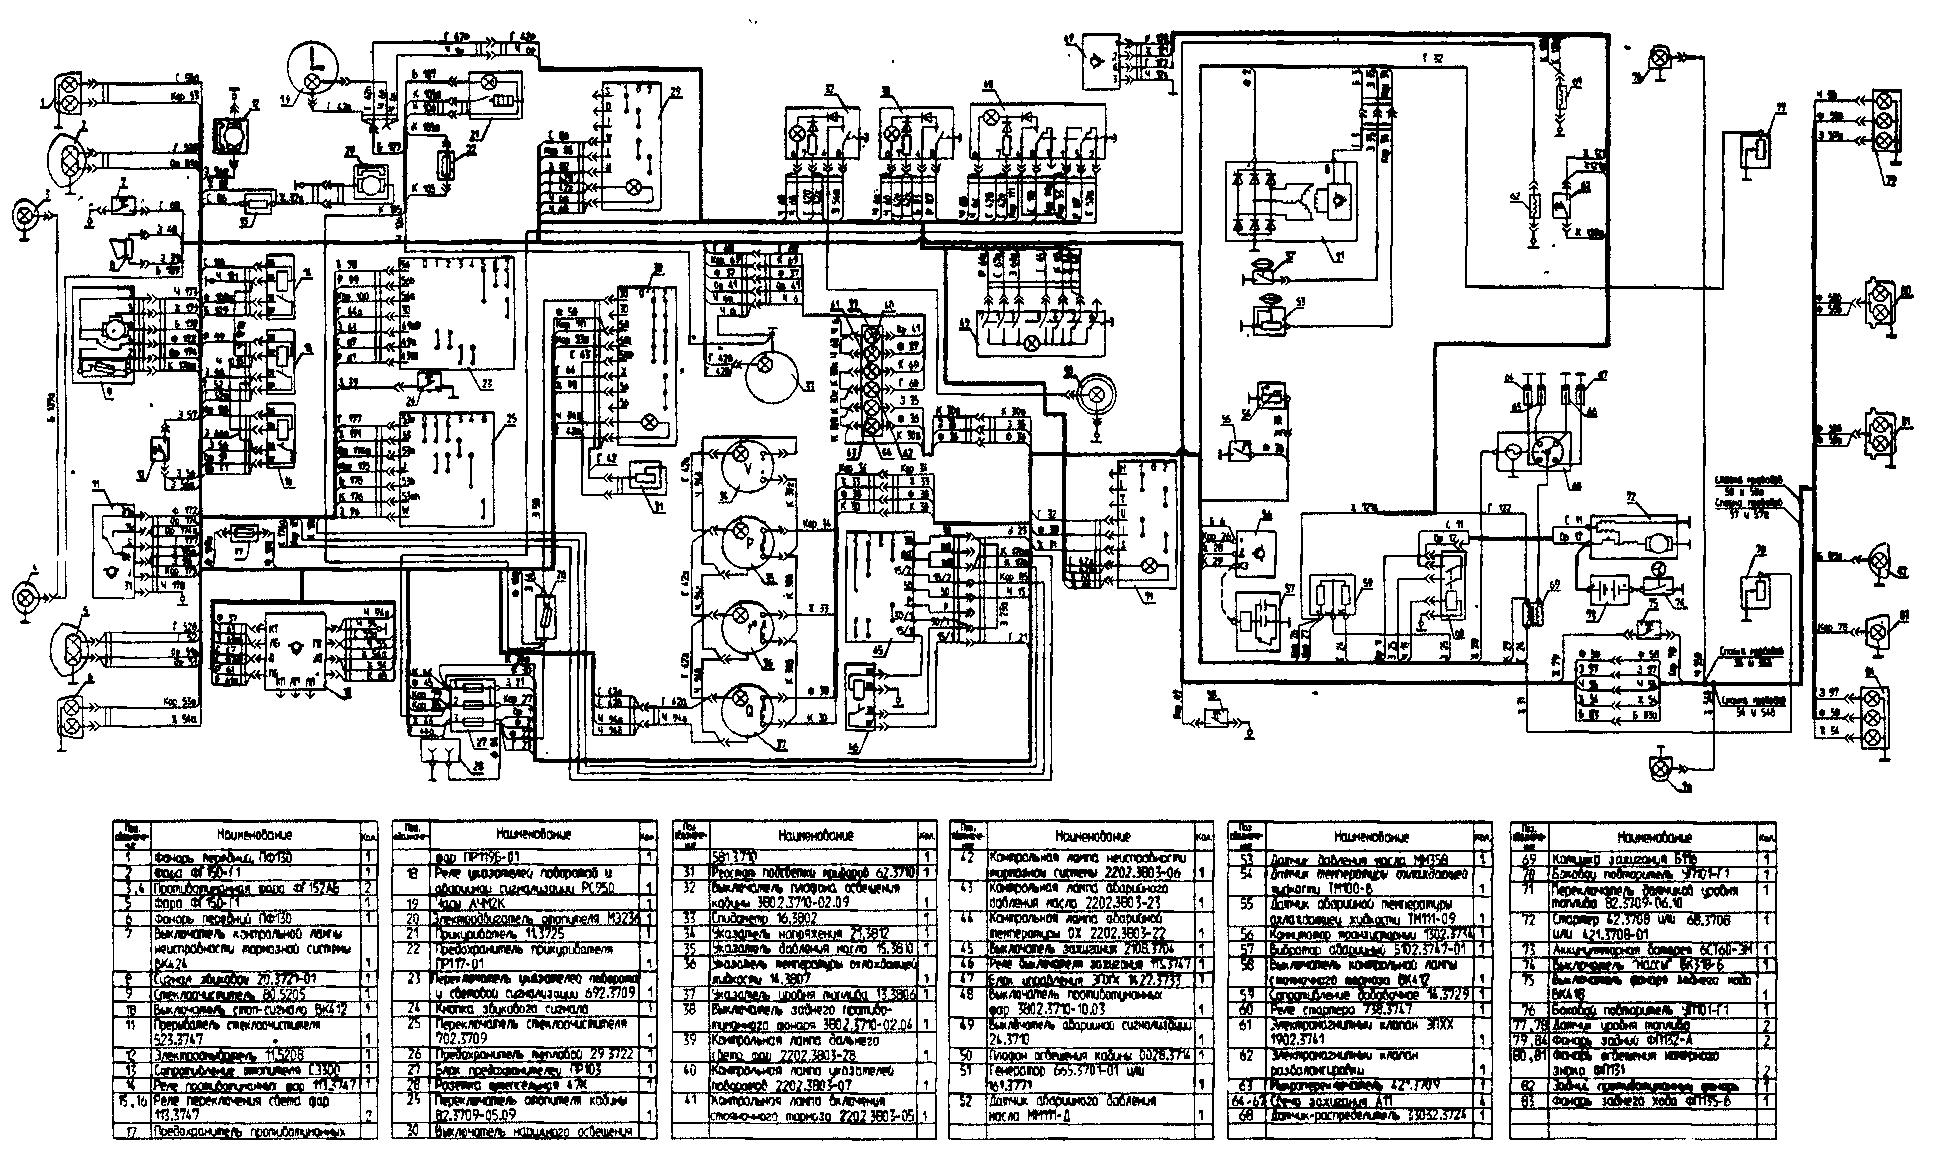 Схема электрооборудования автомобиля УАЗ-33036 с многофункциональными подрулевыми переключателями